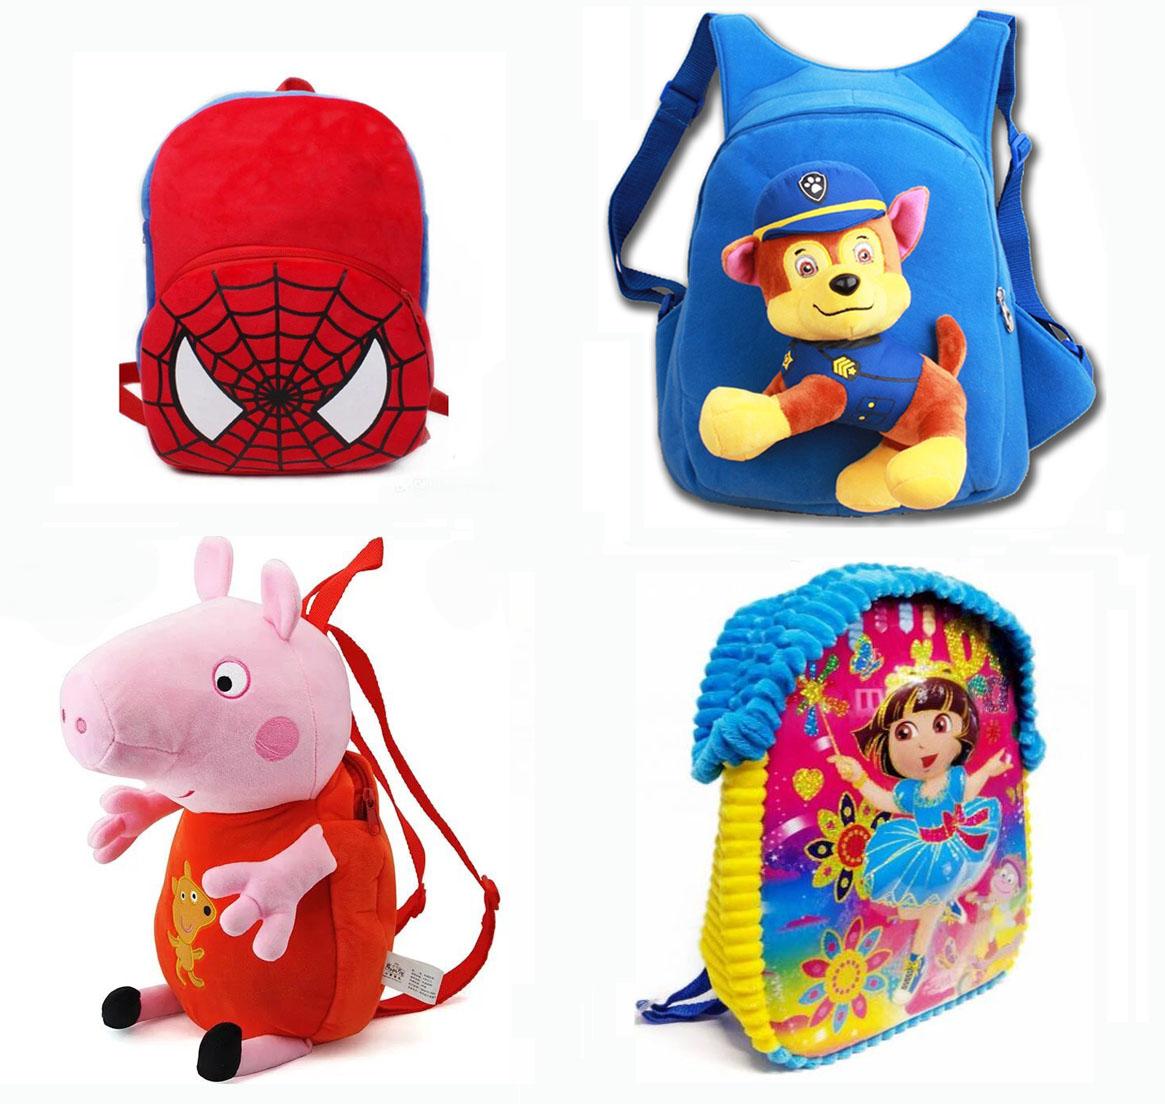 Разновидности Детских Рюкзаков в магазине PlushevoToys